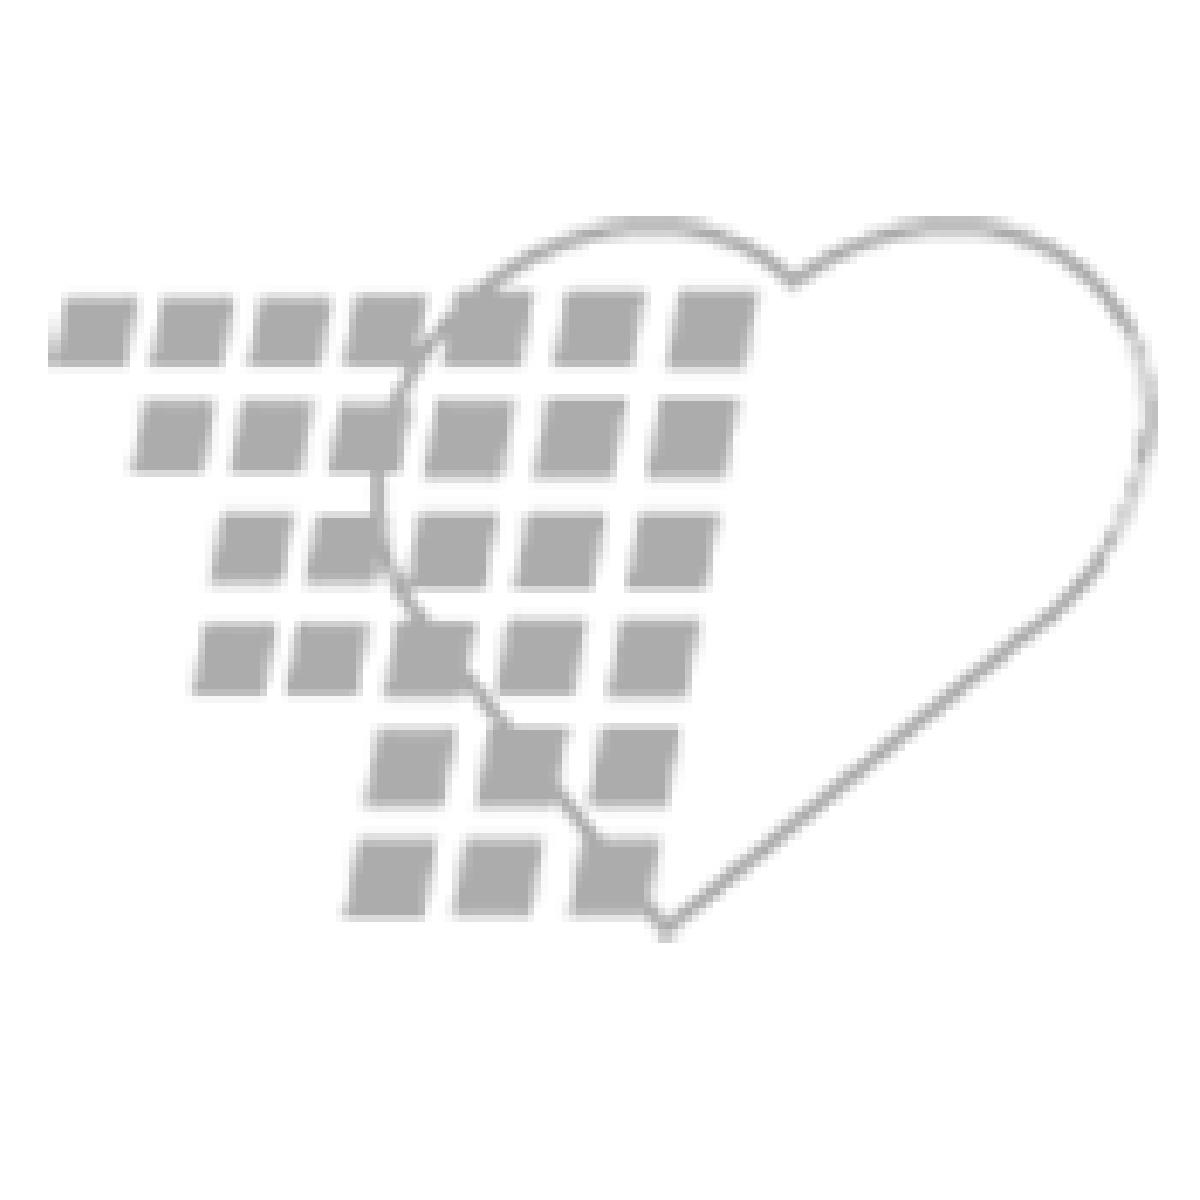 06-93-0421 - Demo Dose® 20% Dextros IV Fluid 1000 mL